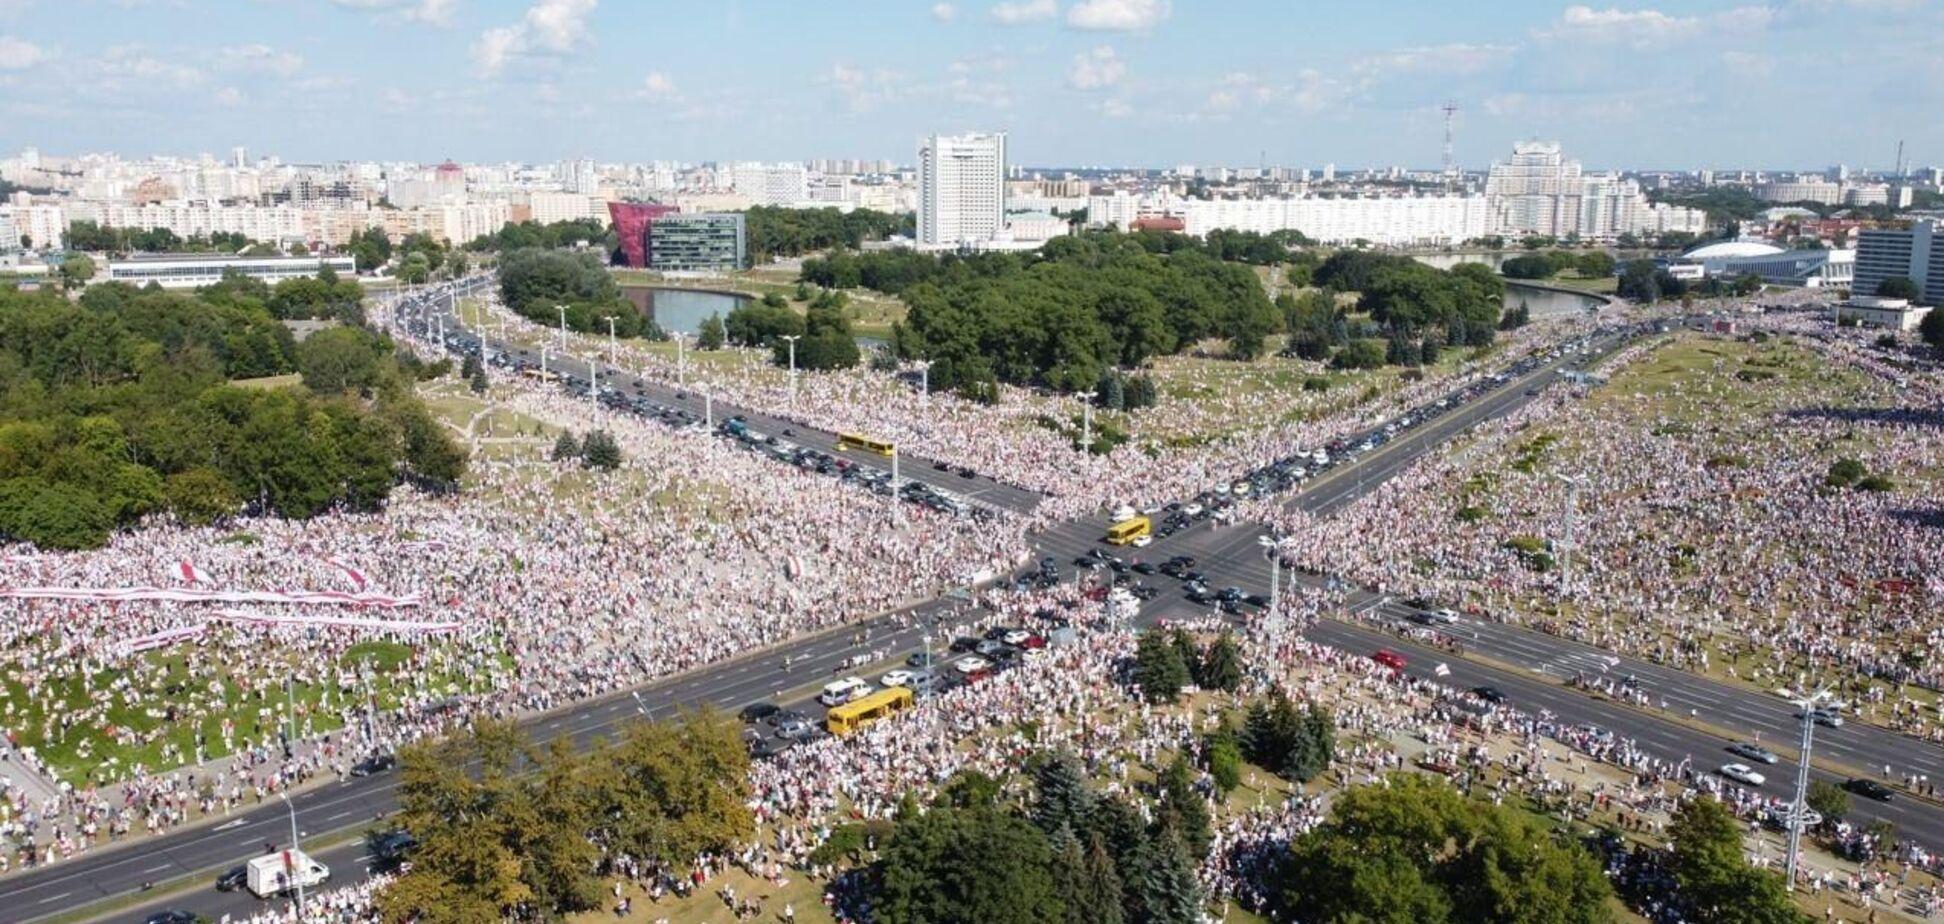 Протести в Білорусі 16 серпня 2020 року